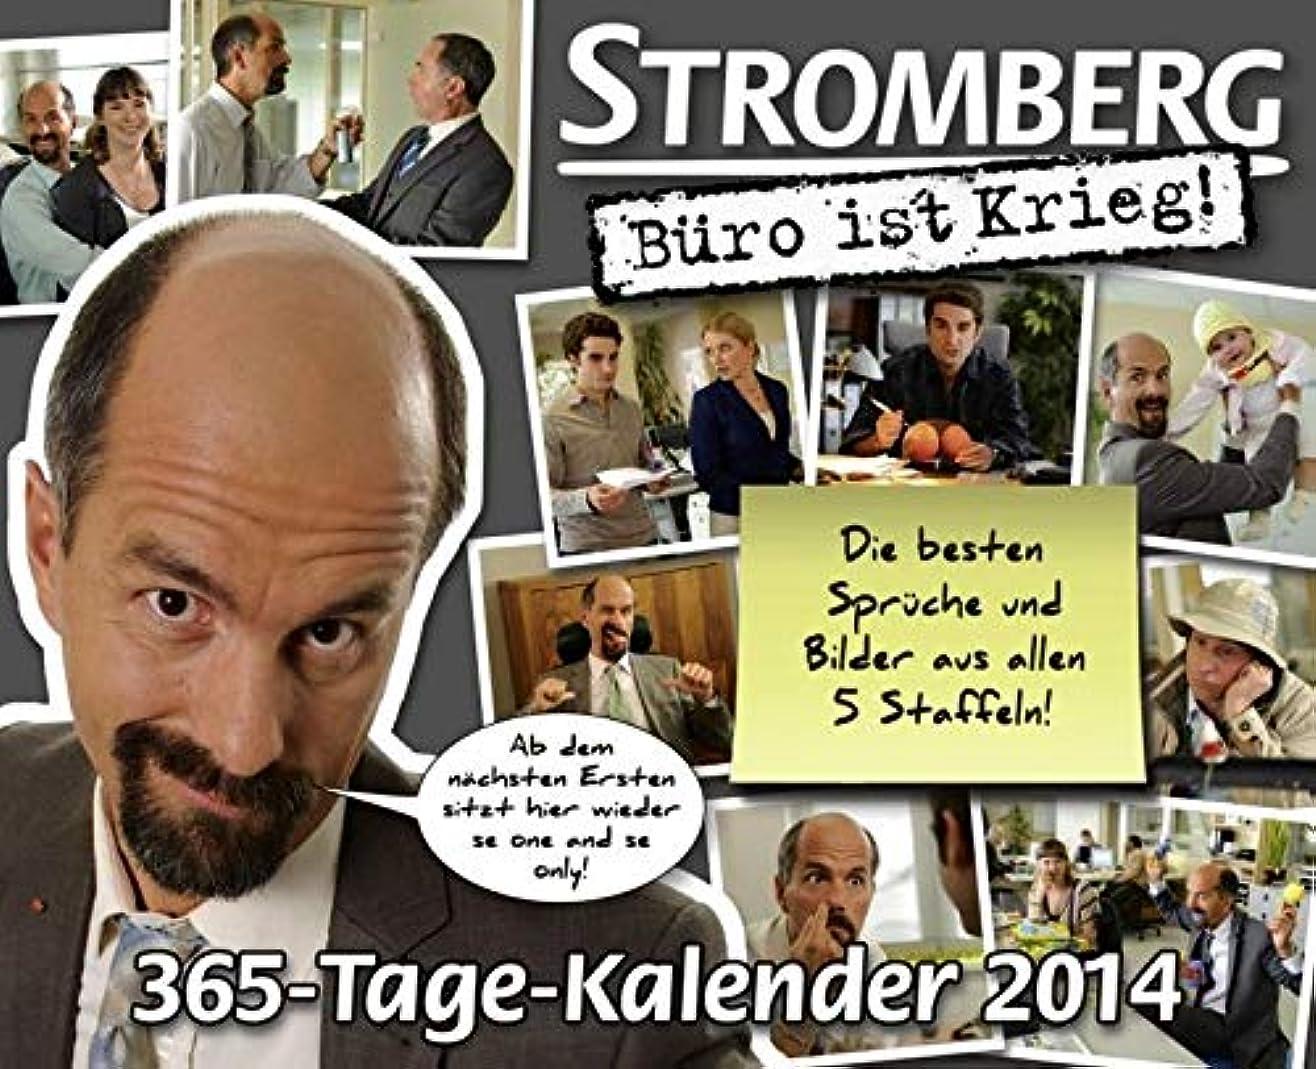 滅多問題熱望するStromberg 365-Tage-Kalender 2014